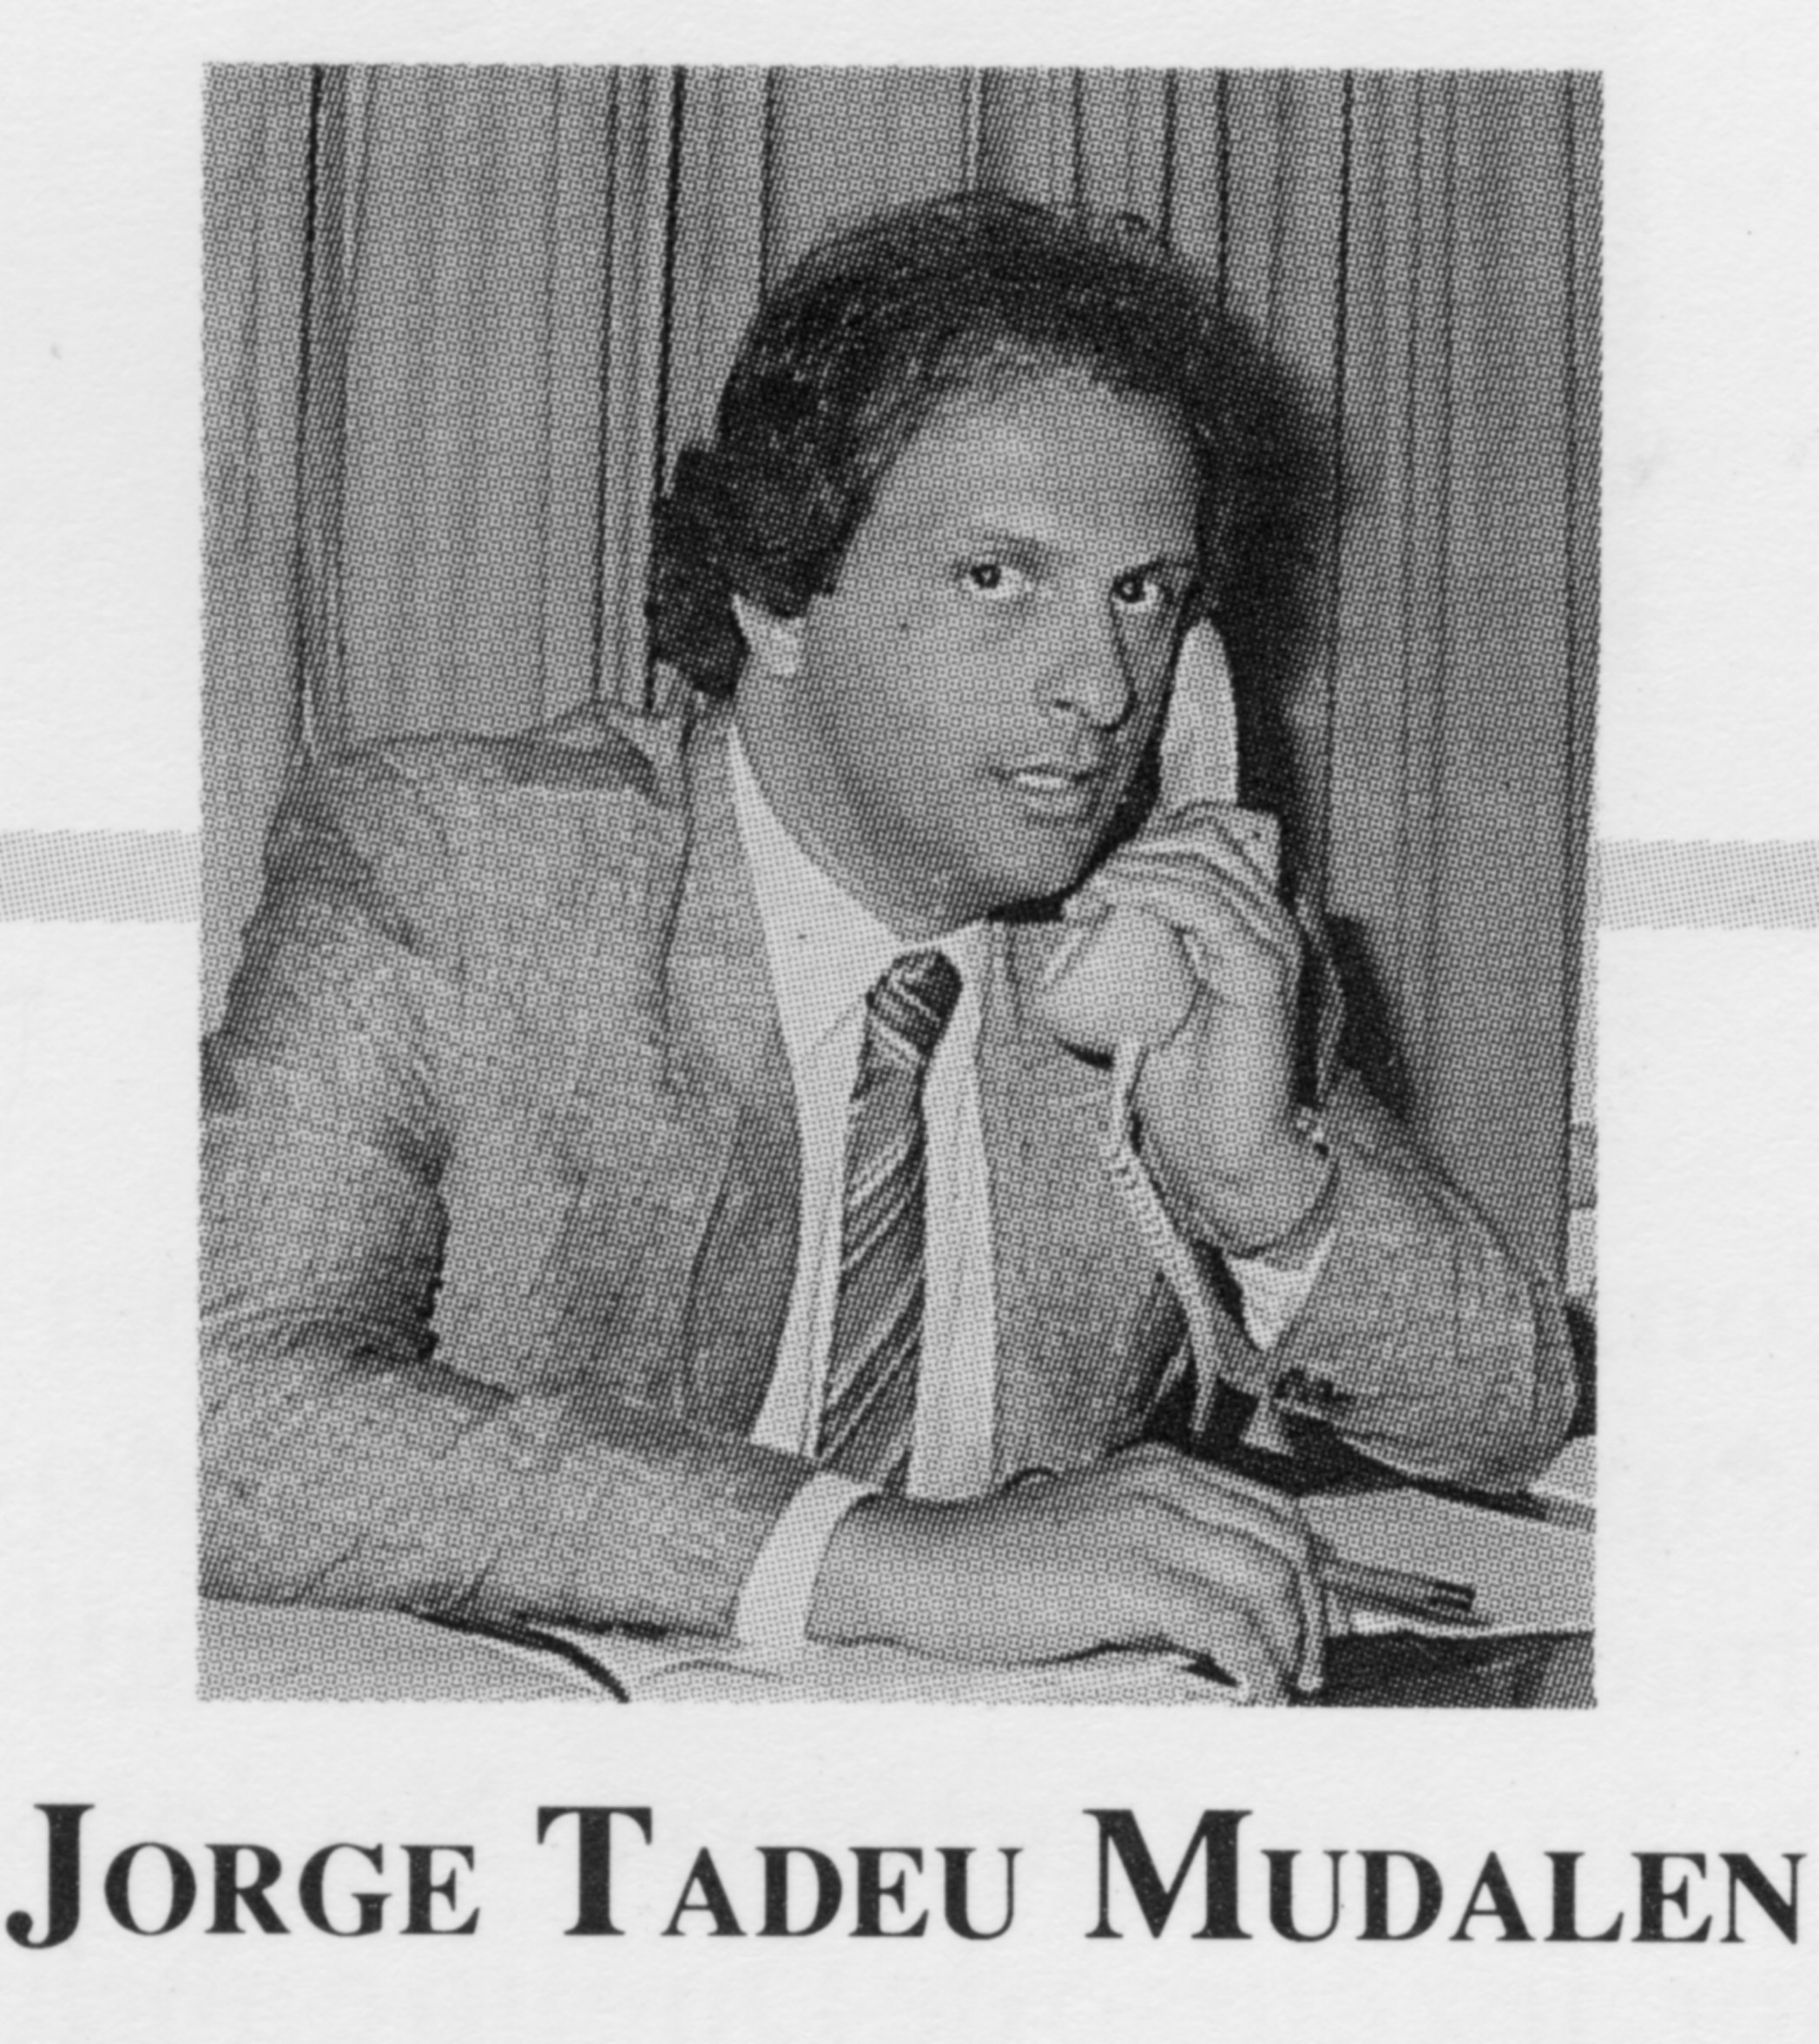 Jorge Tadeu Mudalen